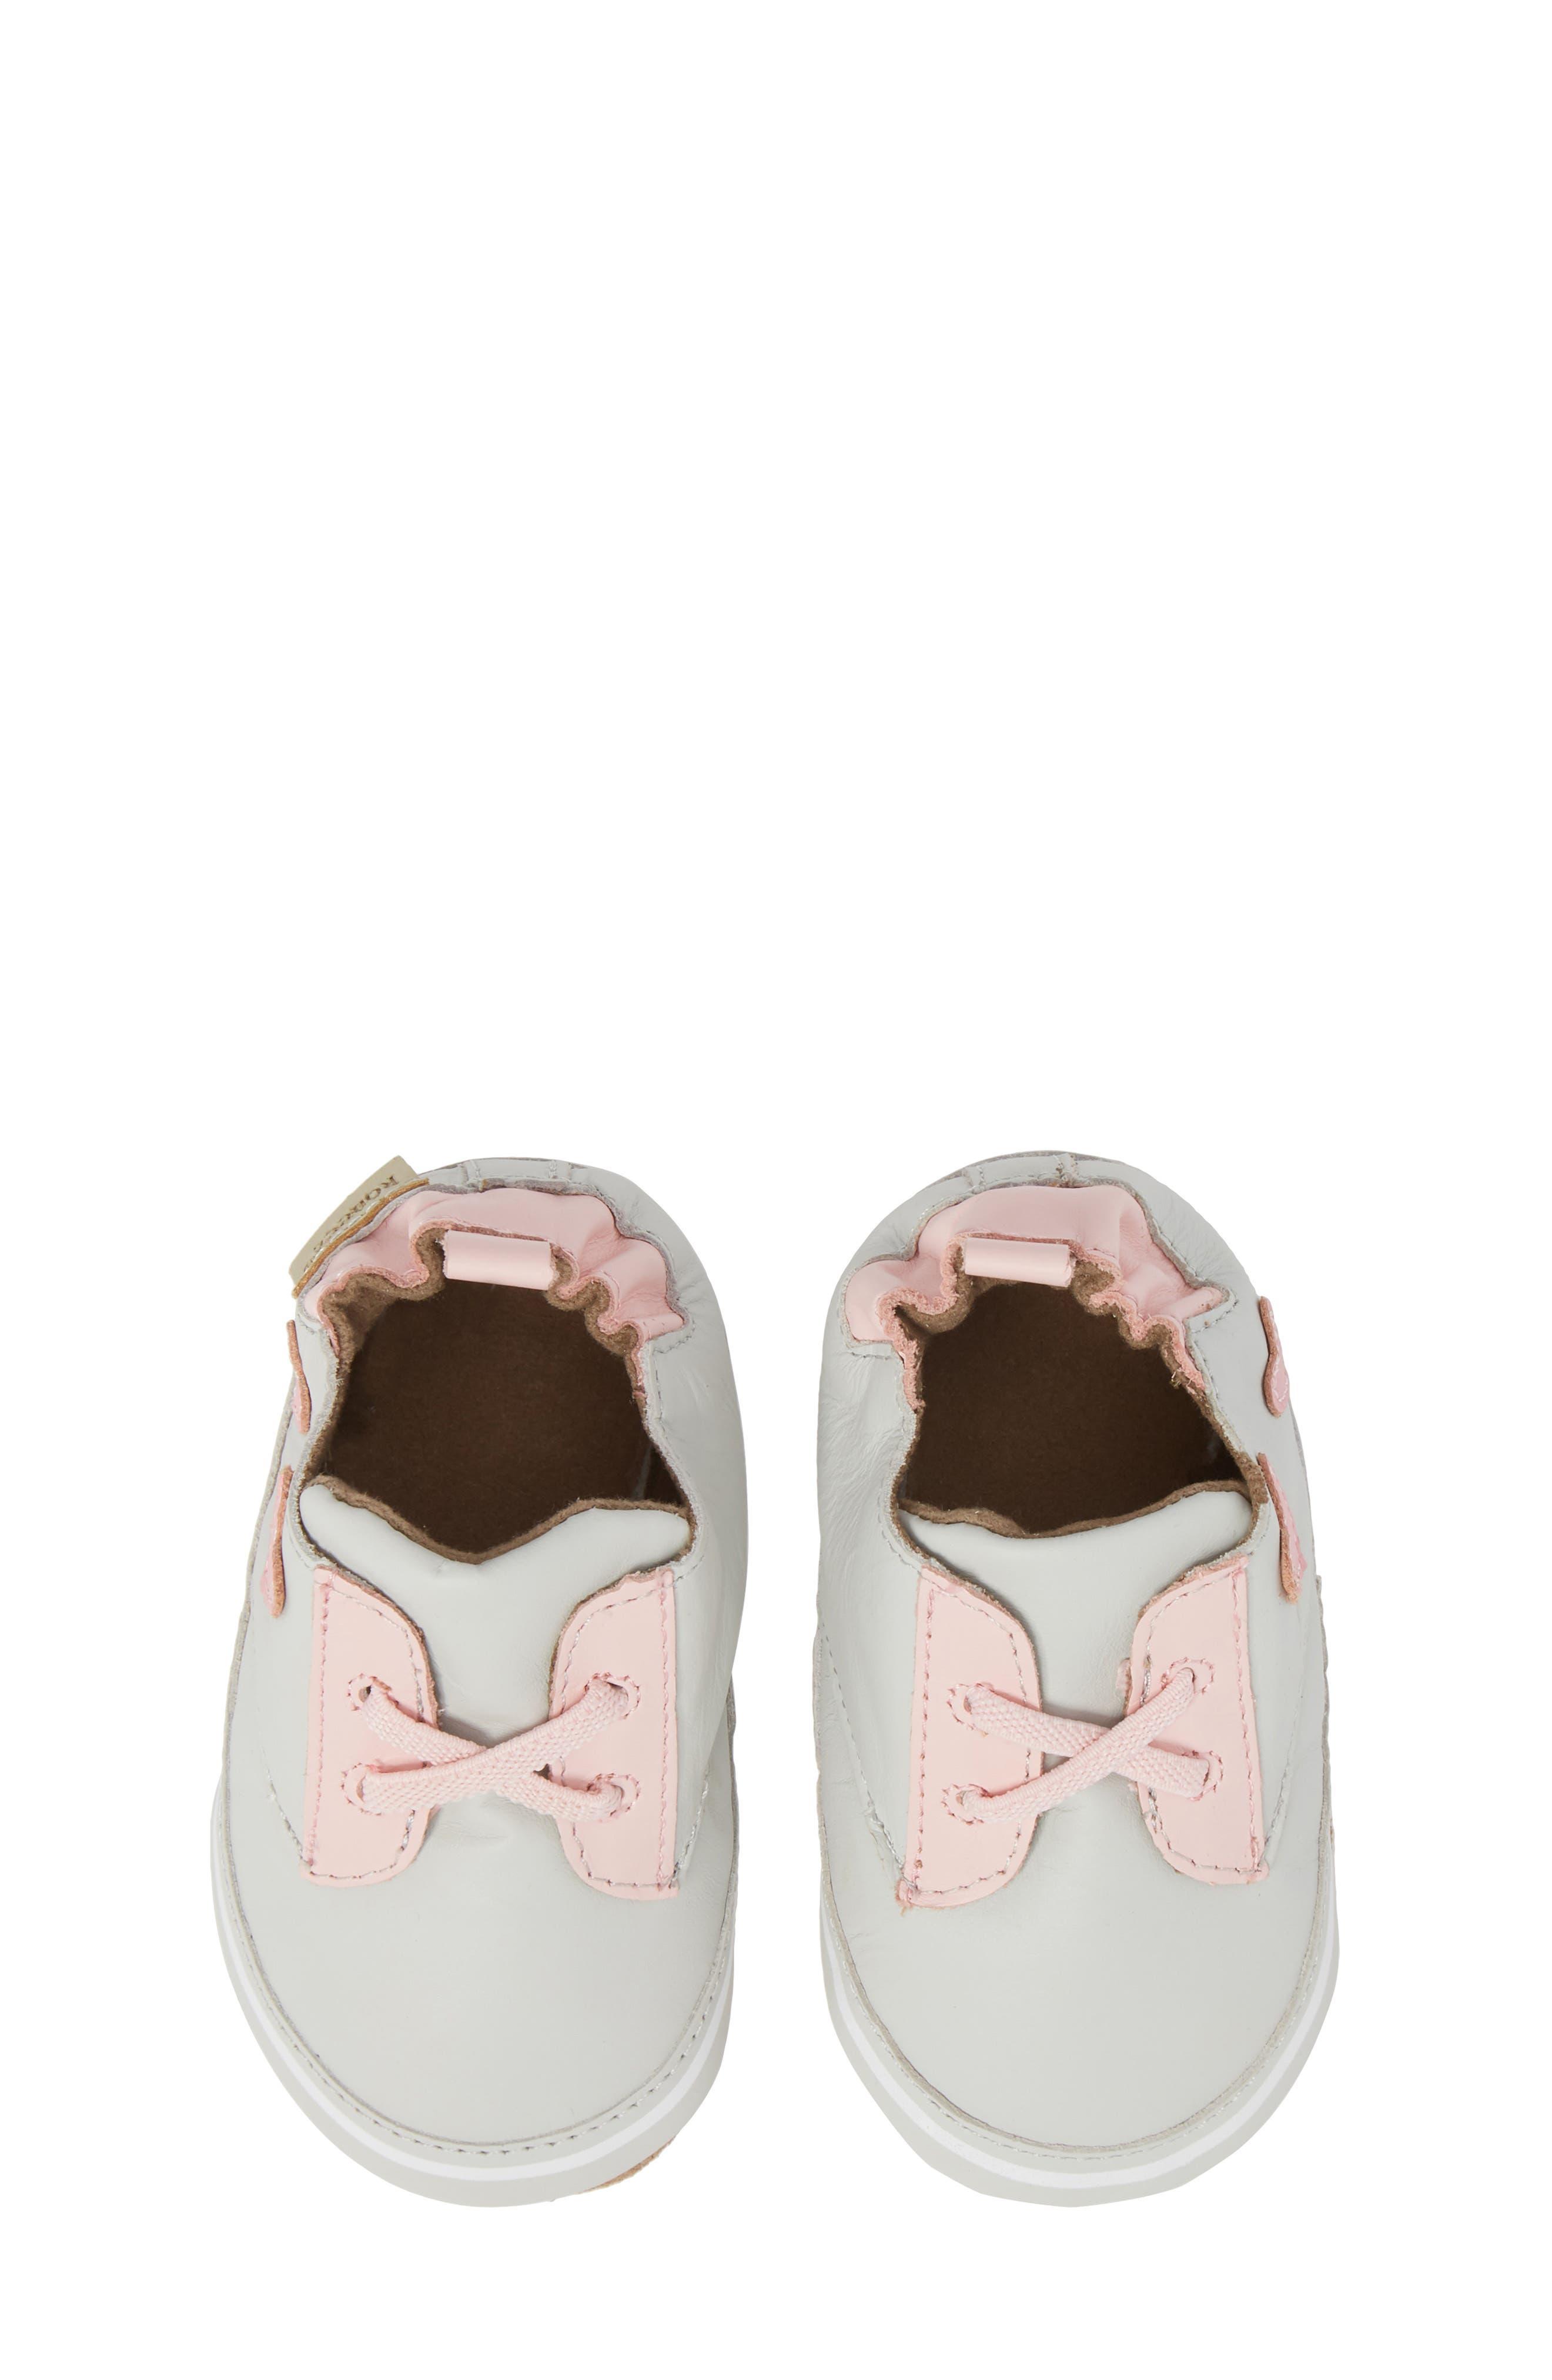 Heartbreaker Slip-On Crib Sneaker,                         Main,                         color, Light Grey